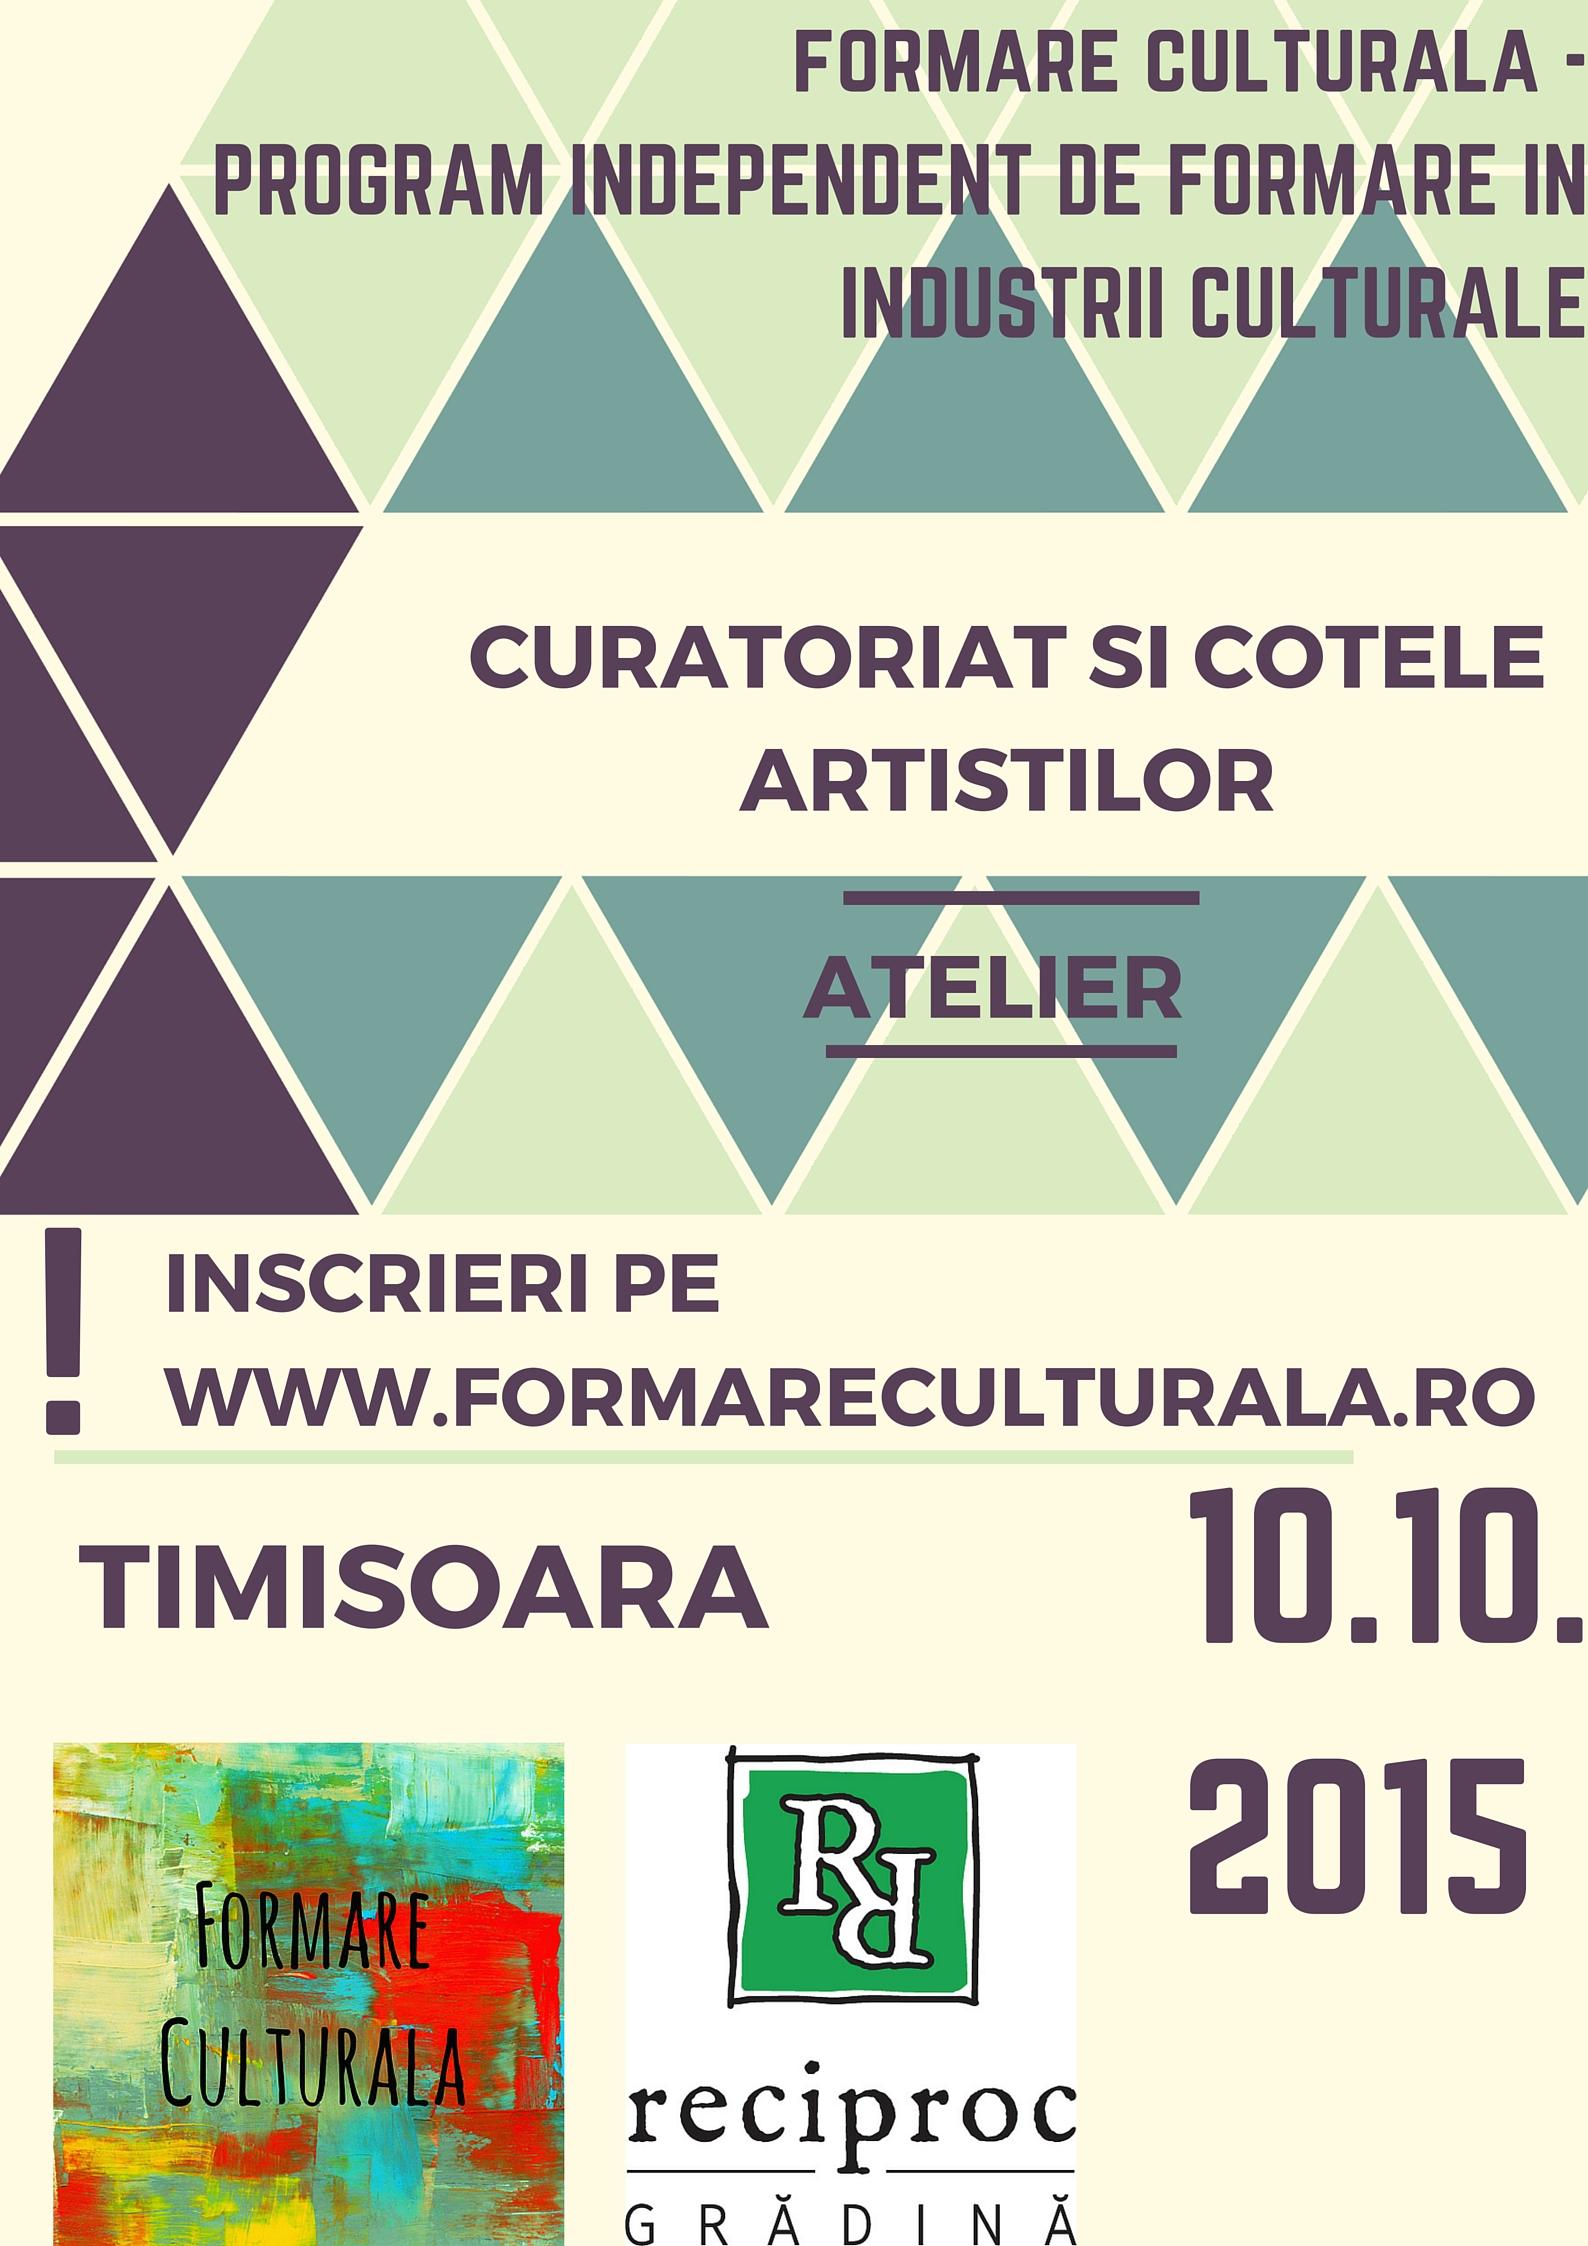 Ateliere de Formare Culturală la Timișoara: Curatoriat și Management cultural